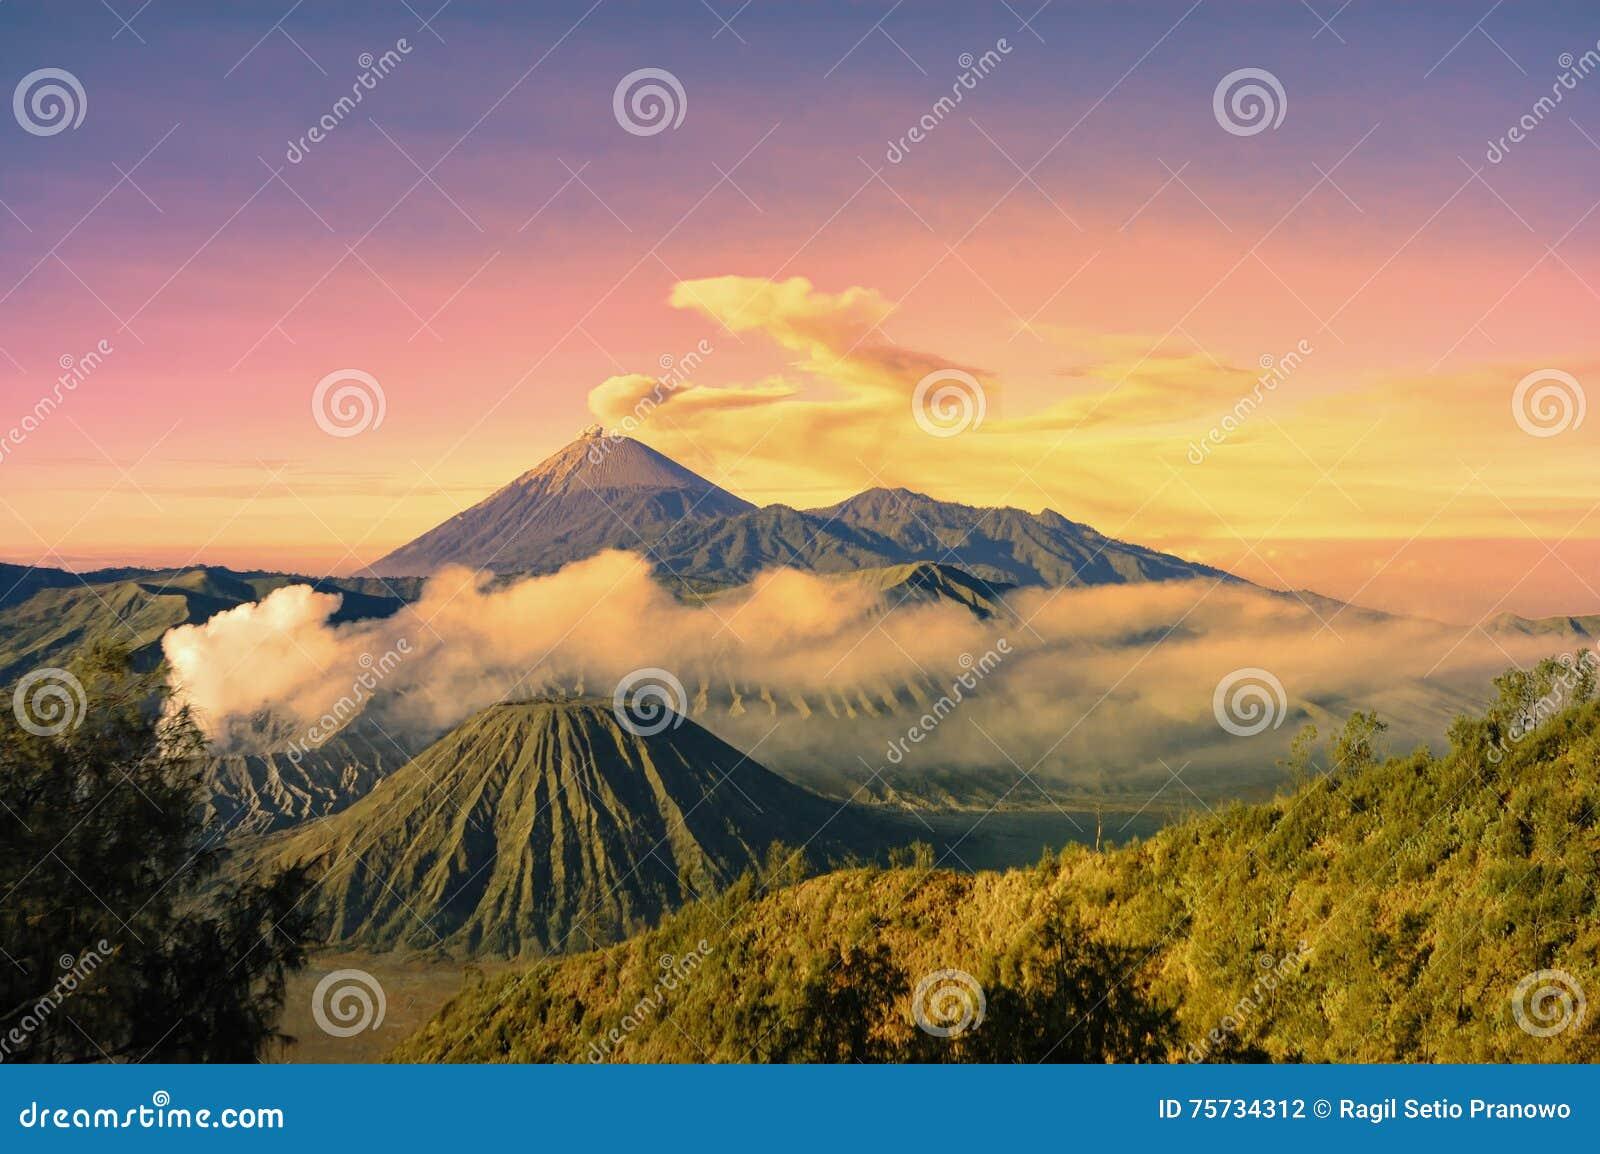 Bromo mountain at morning